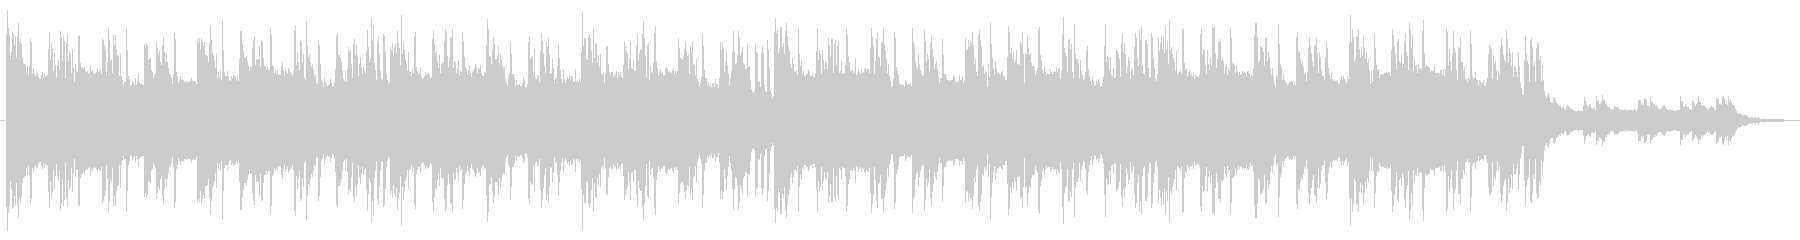 大会 エンディング ヒップホップ 60秒の未再生の波形